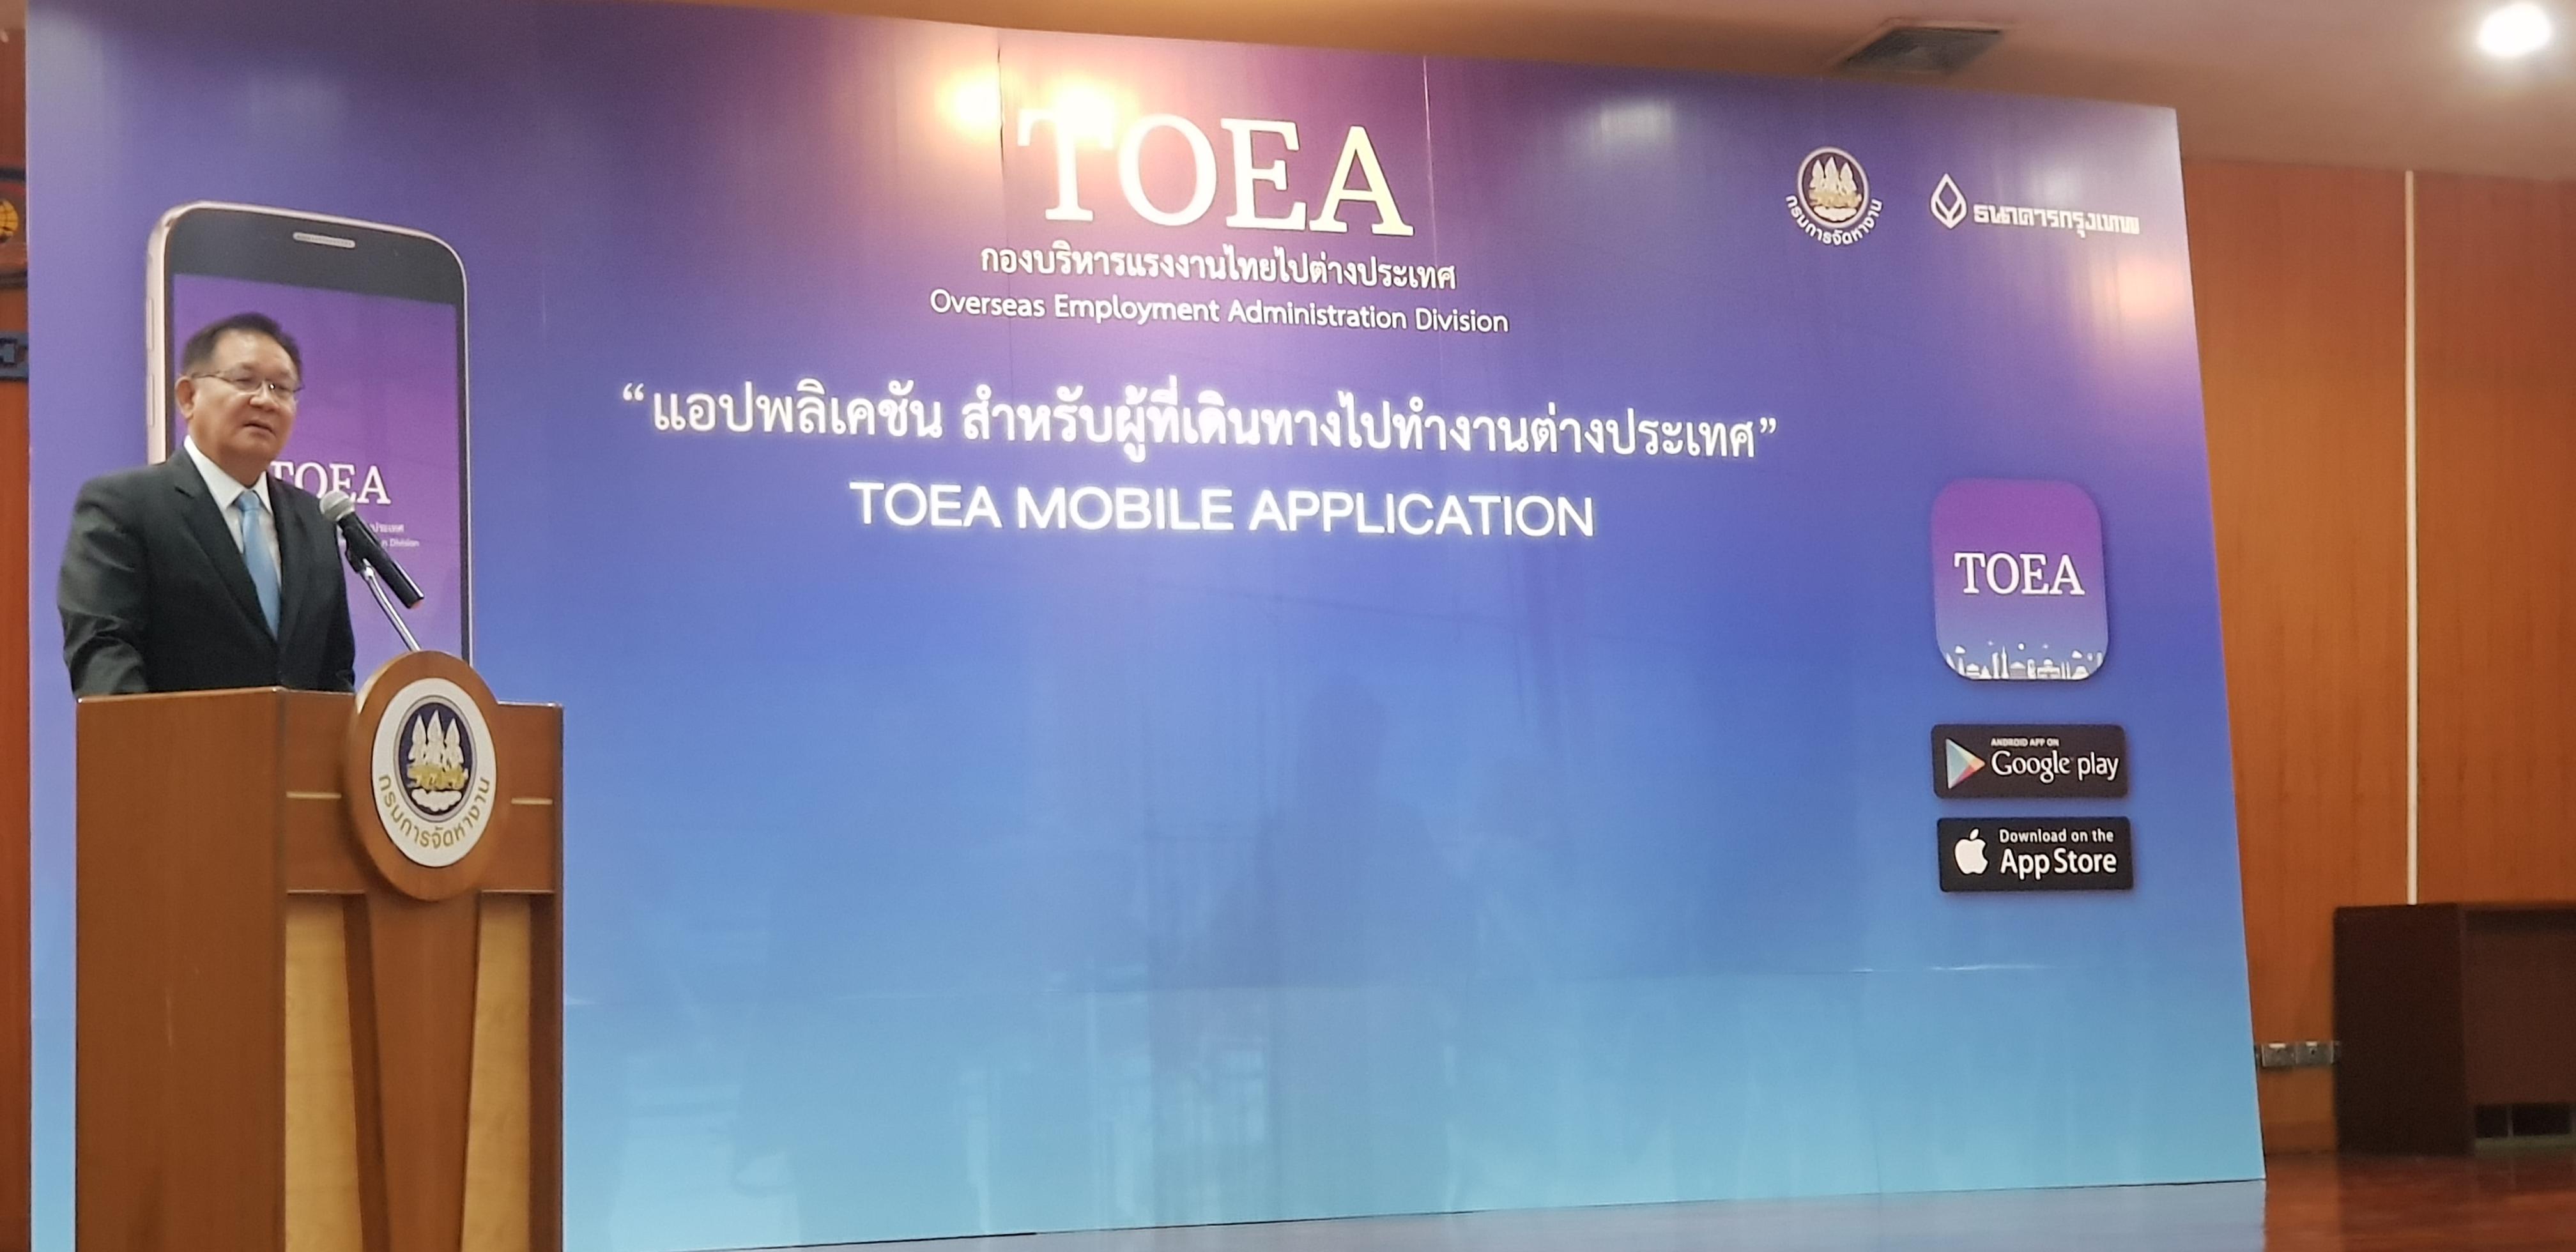 กองบริหารแรงงานไทยไปต่างประเทศ จัดพิธีส่ง-รับมอบแอปพลิเคชั่นสำหรับผู้ที่เดินทางไปทำงานต่างประเทศ